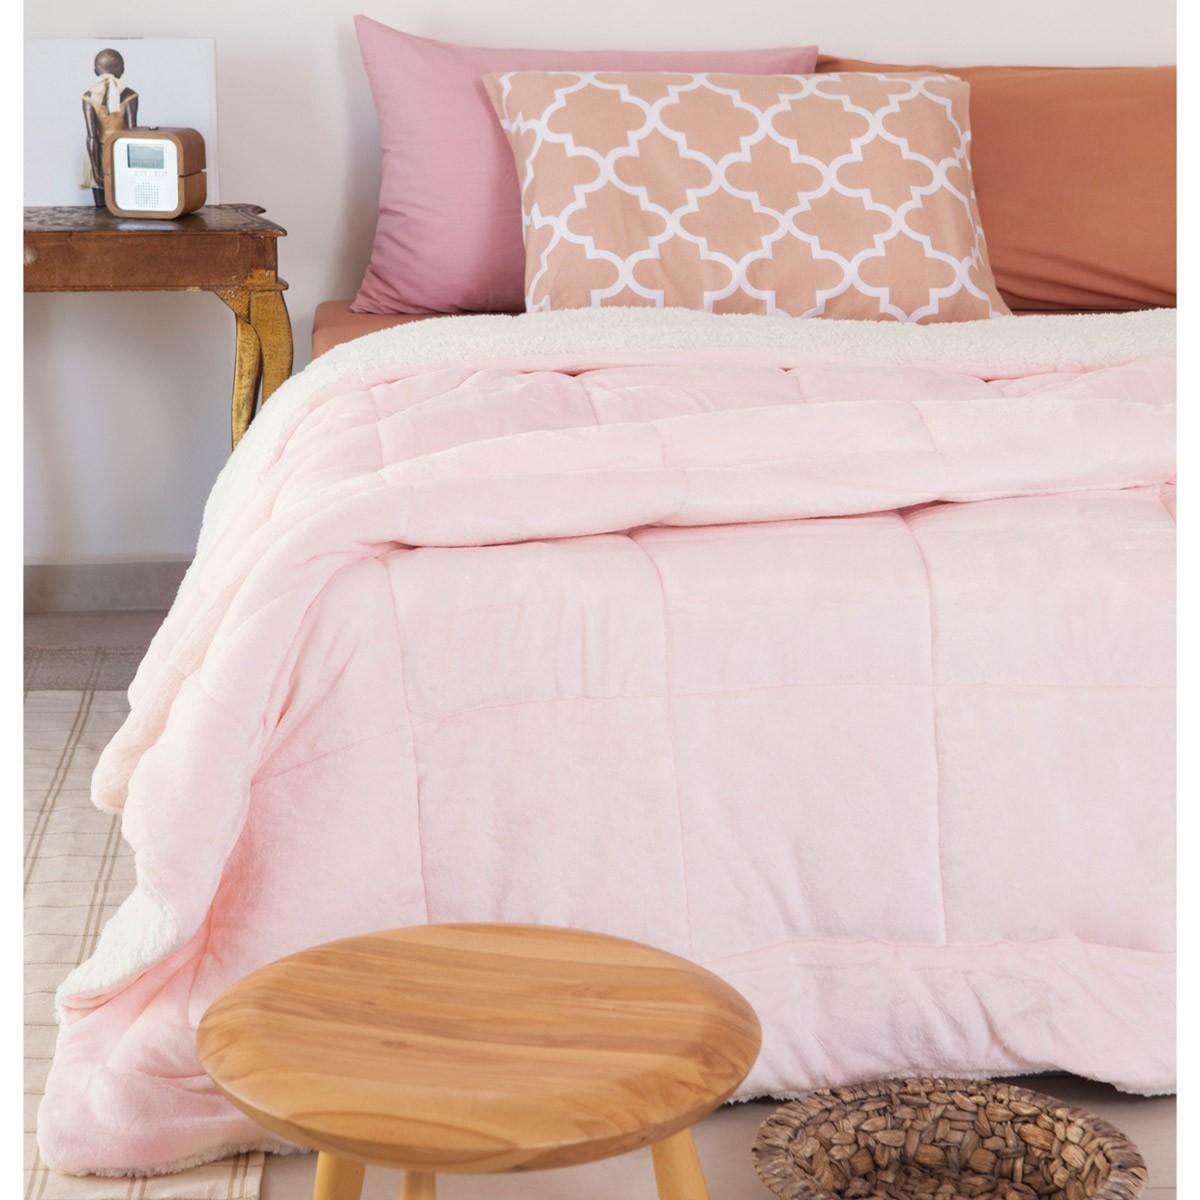 Κουβερτοπάπλωμα Υπέρδιπλο Melinen Dreamy Powder Pink